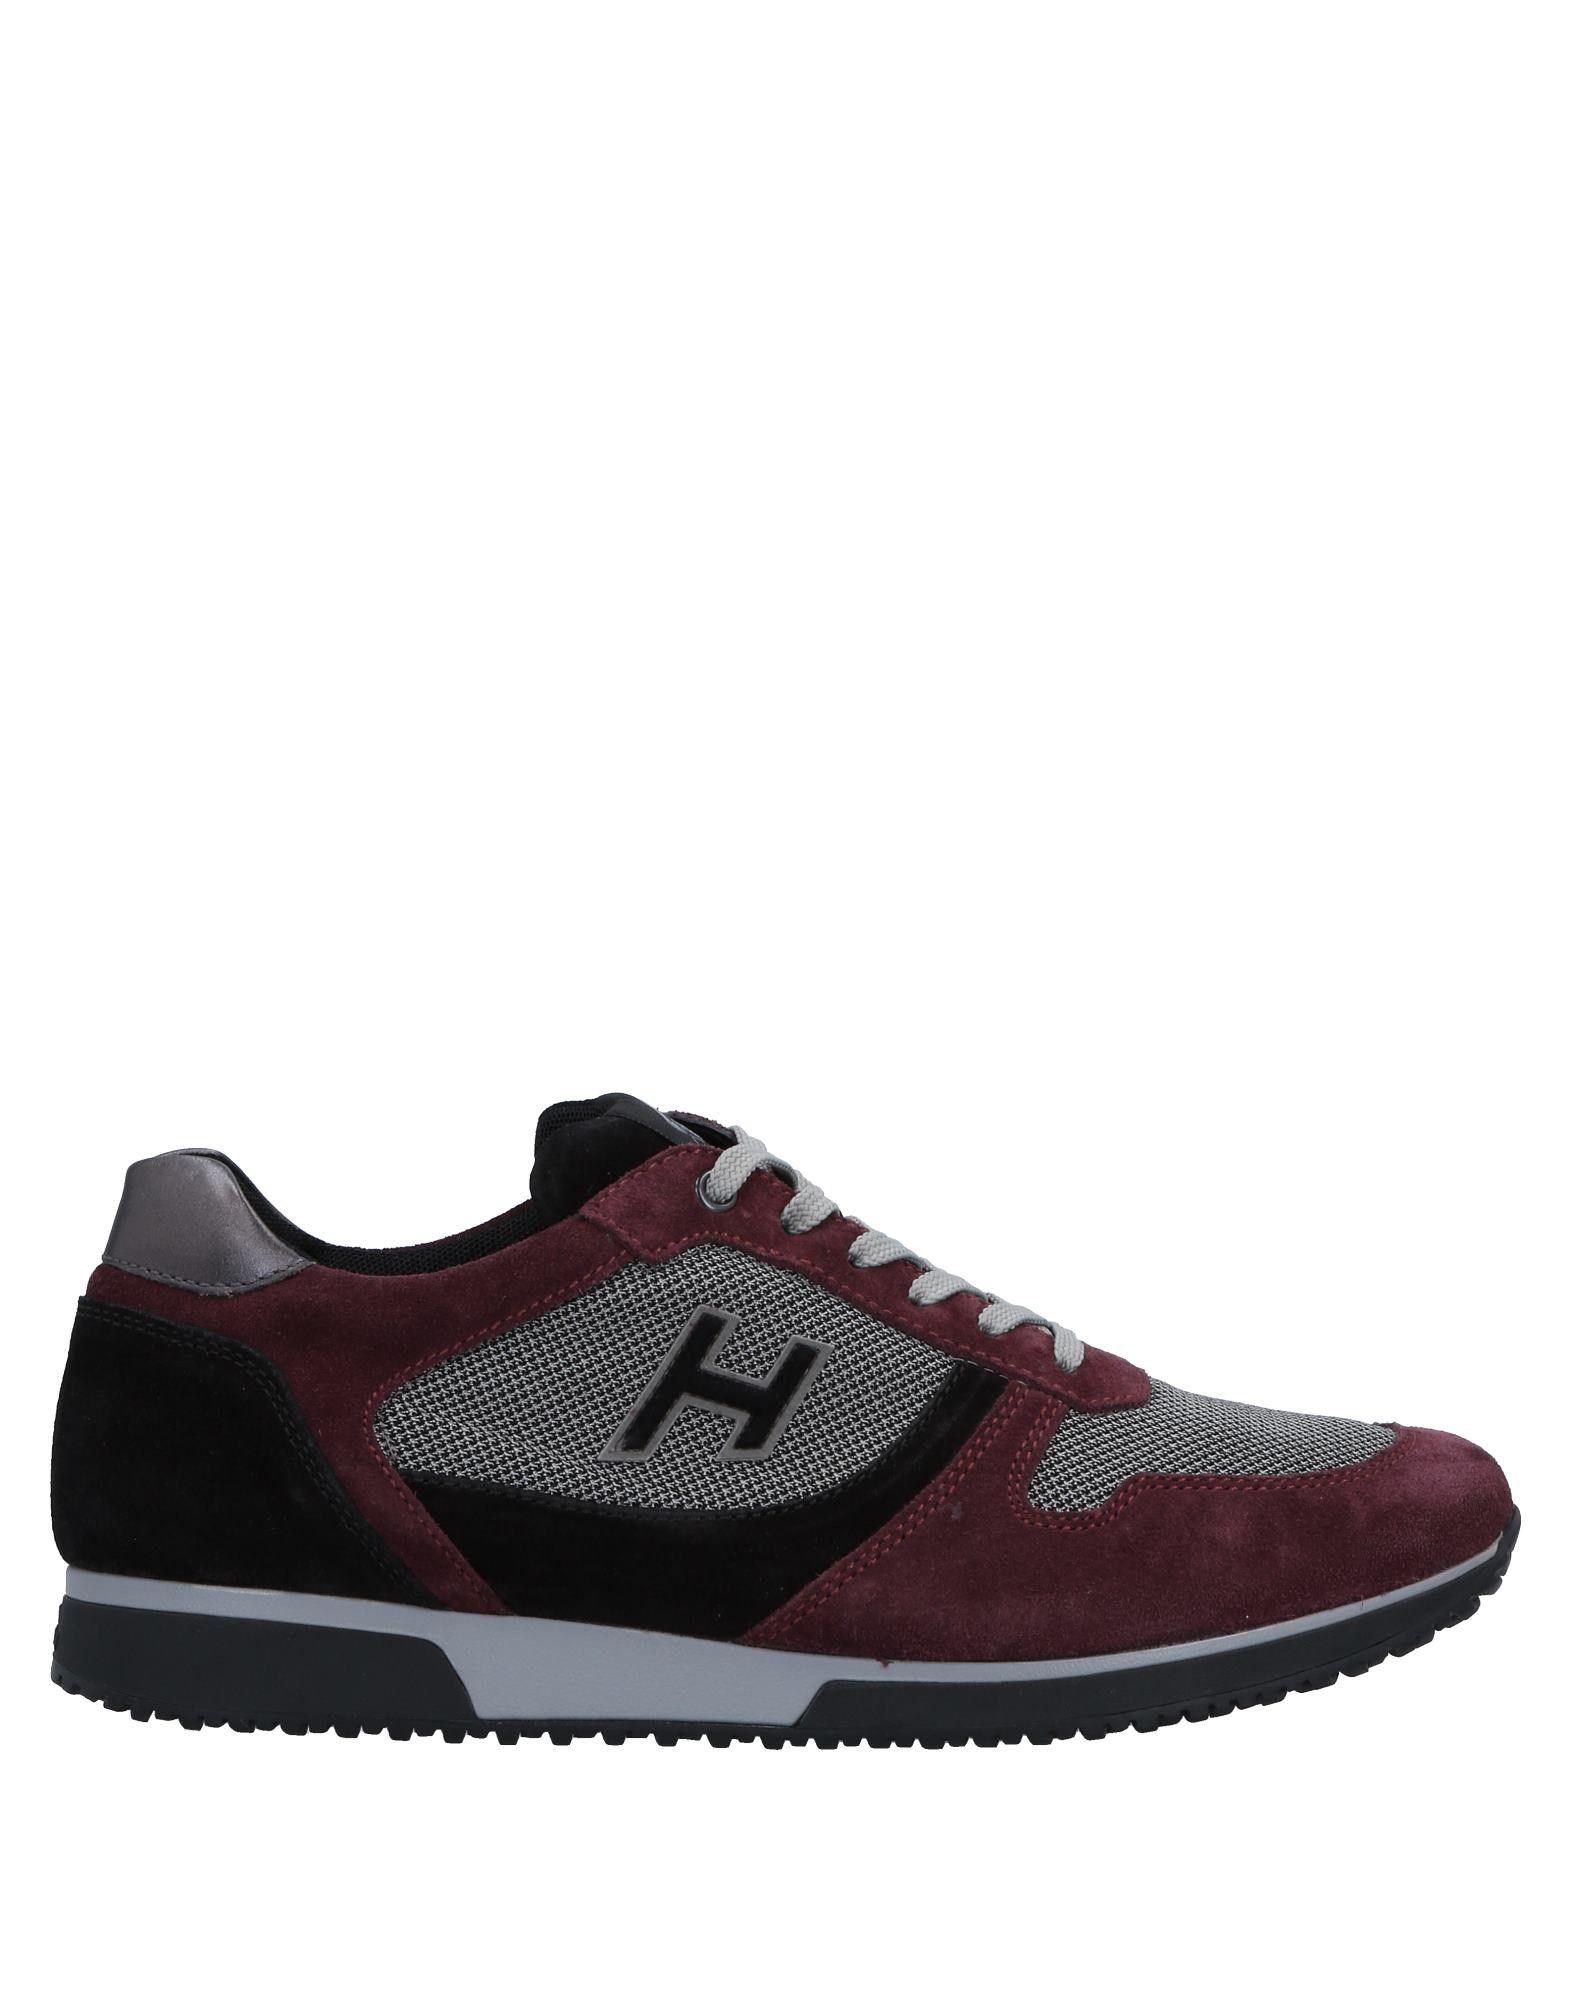 Hogan Sneakers - Men Hogan Australia Sneakers online on  Australia Hogan - 11533184UQ 4780ba